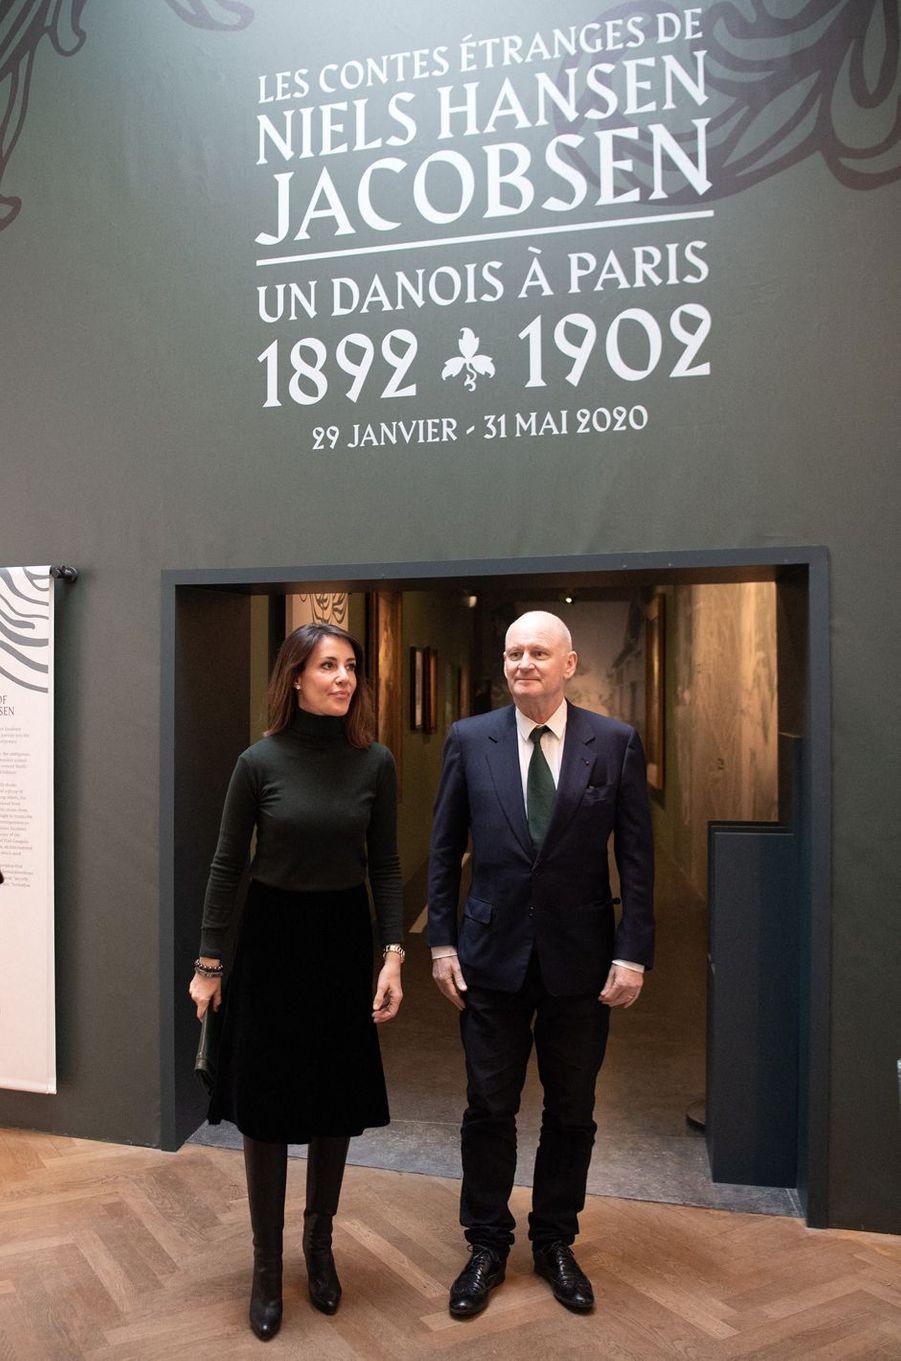 La princesse Marie de Danemark au vernissage de l'exposition Niels Hansen Jacobsen au musée Bourdelle à Paris, le 28 janvier 2020